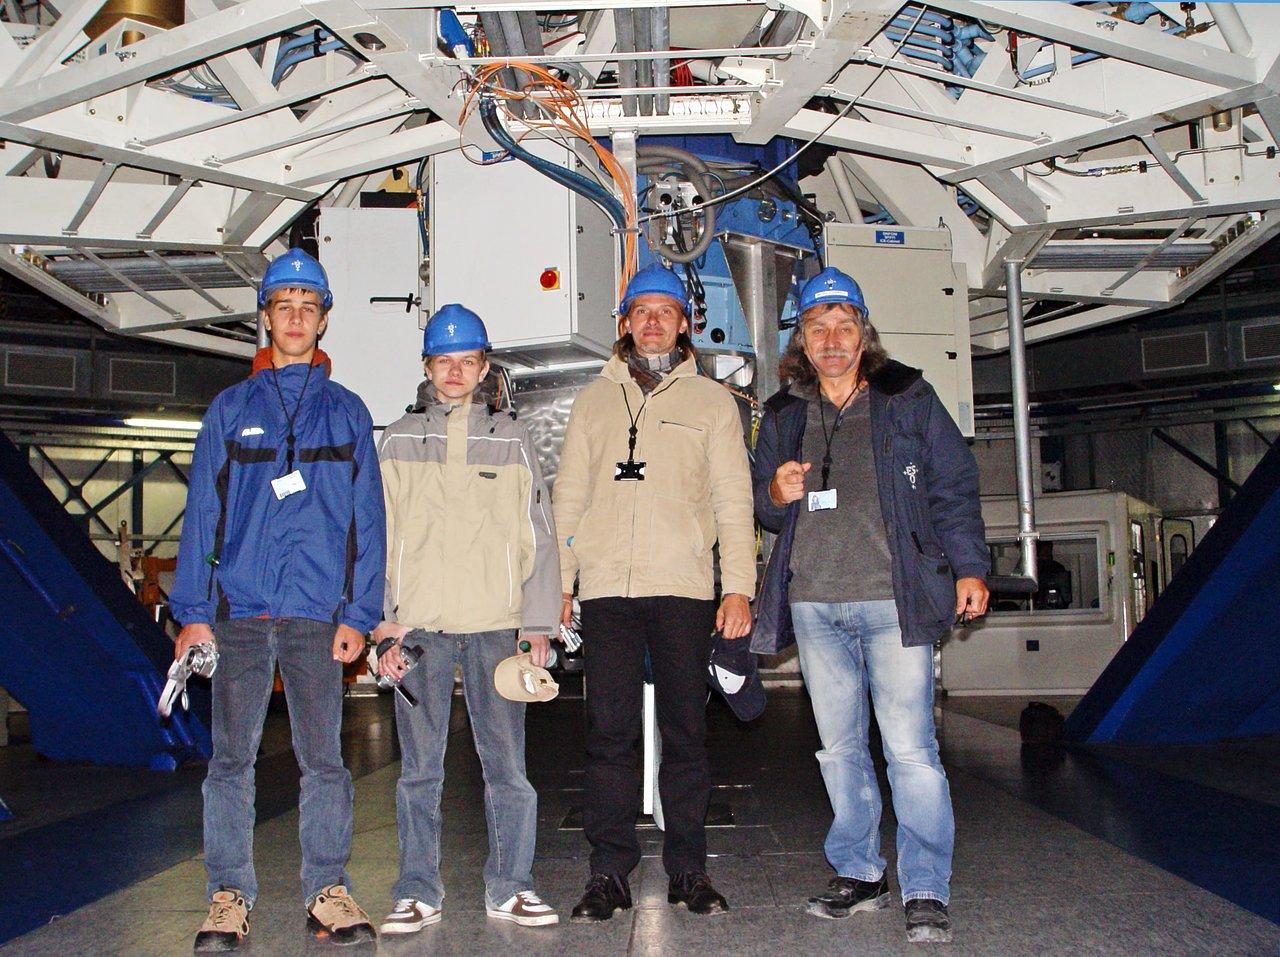 Catch a Star 2007 winners visit Paranal